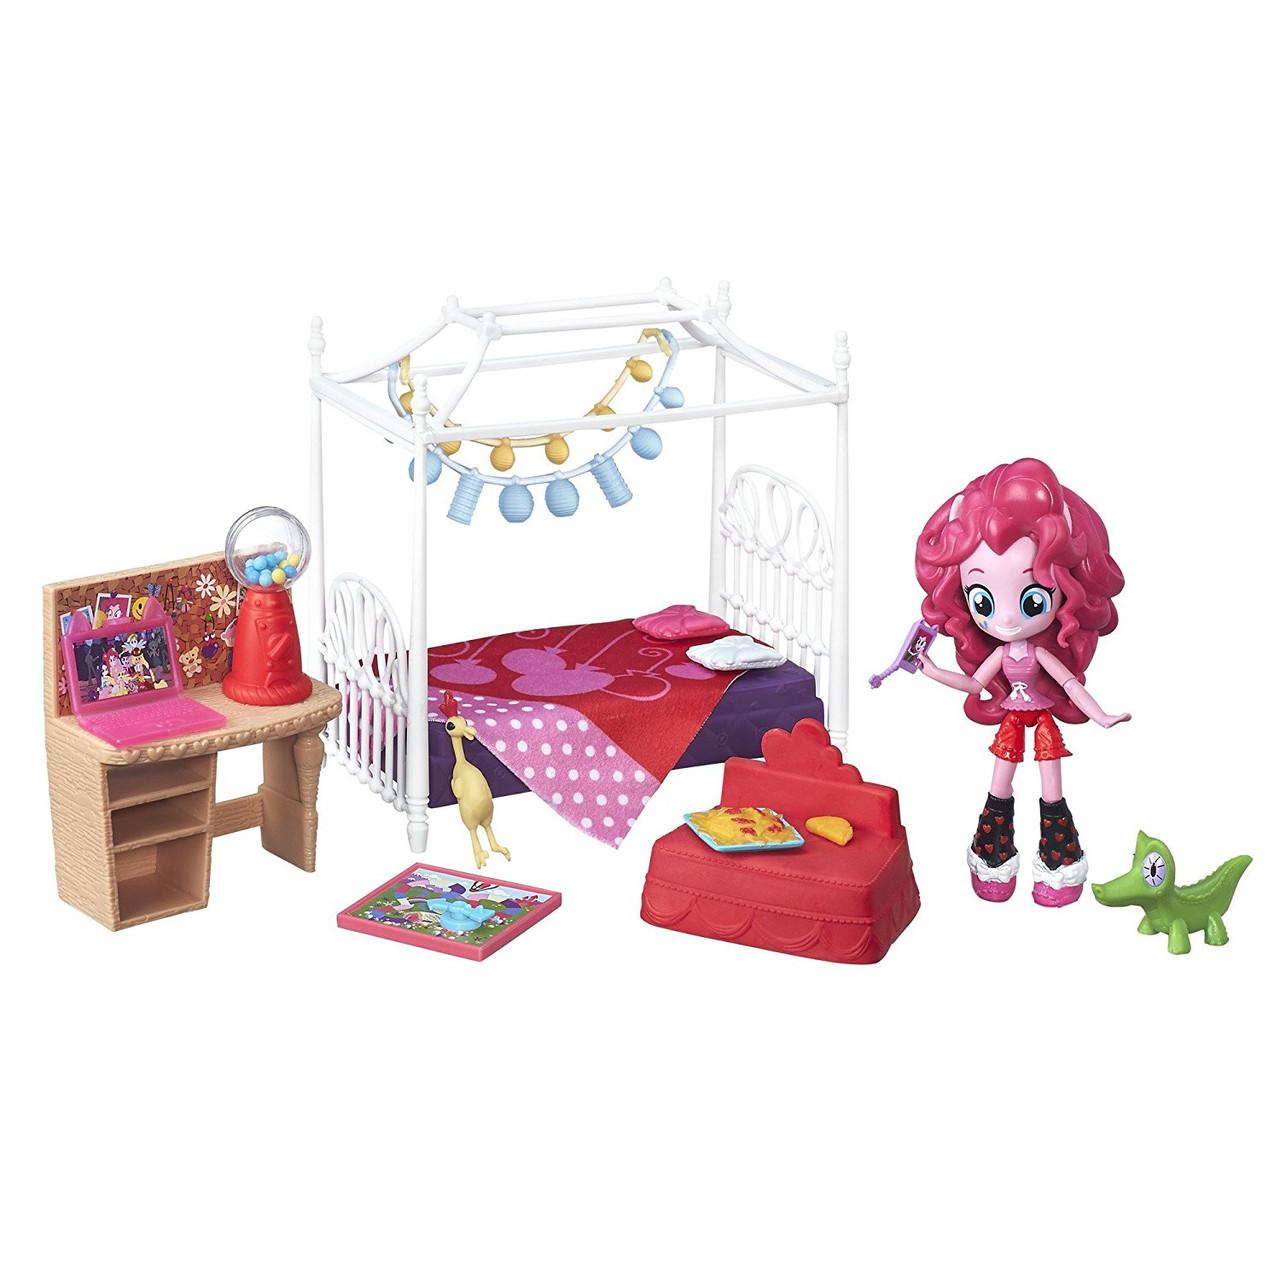 Игровой набор Пинки Пай мини Пижамная вечеринка спальный гарнитур Мy Little Pony Equestria girls